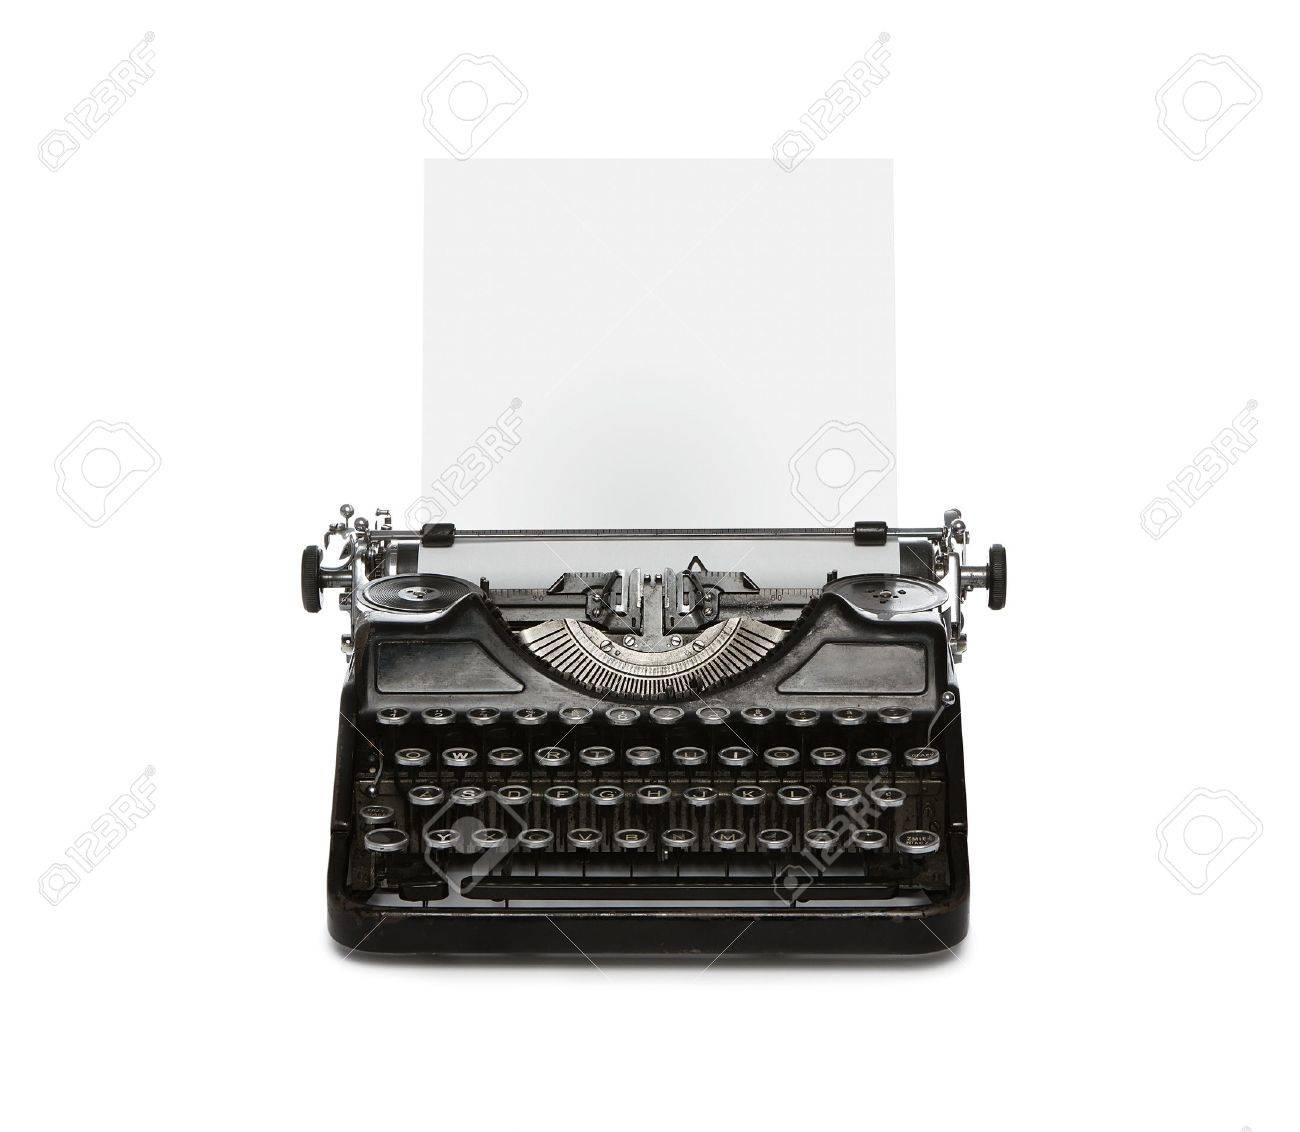 Retro Rostigen Schreibmaschine Mit Blatt Papier Isoliert Auf ...